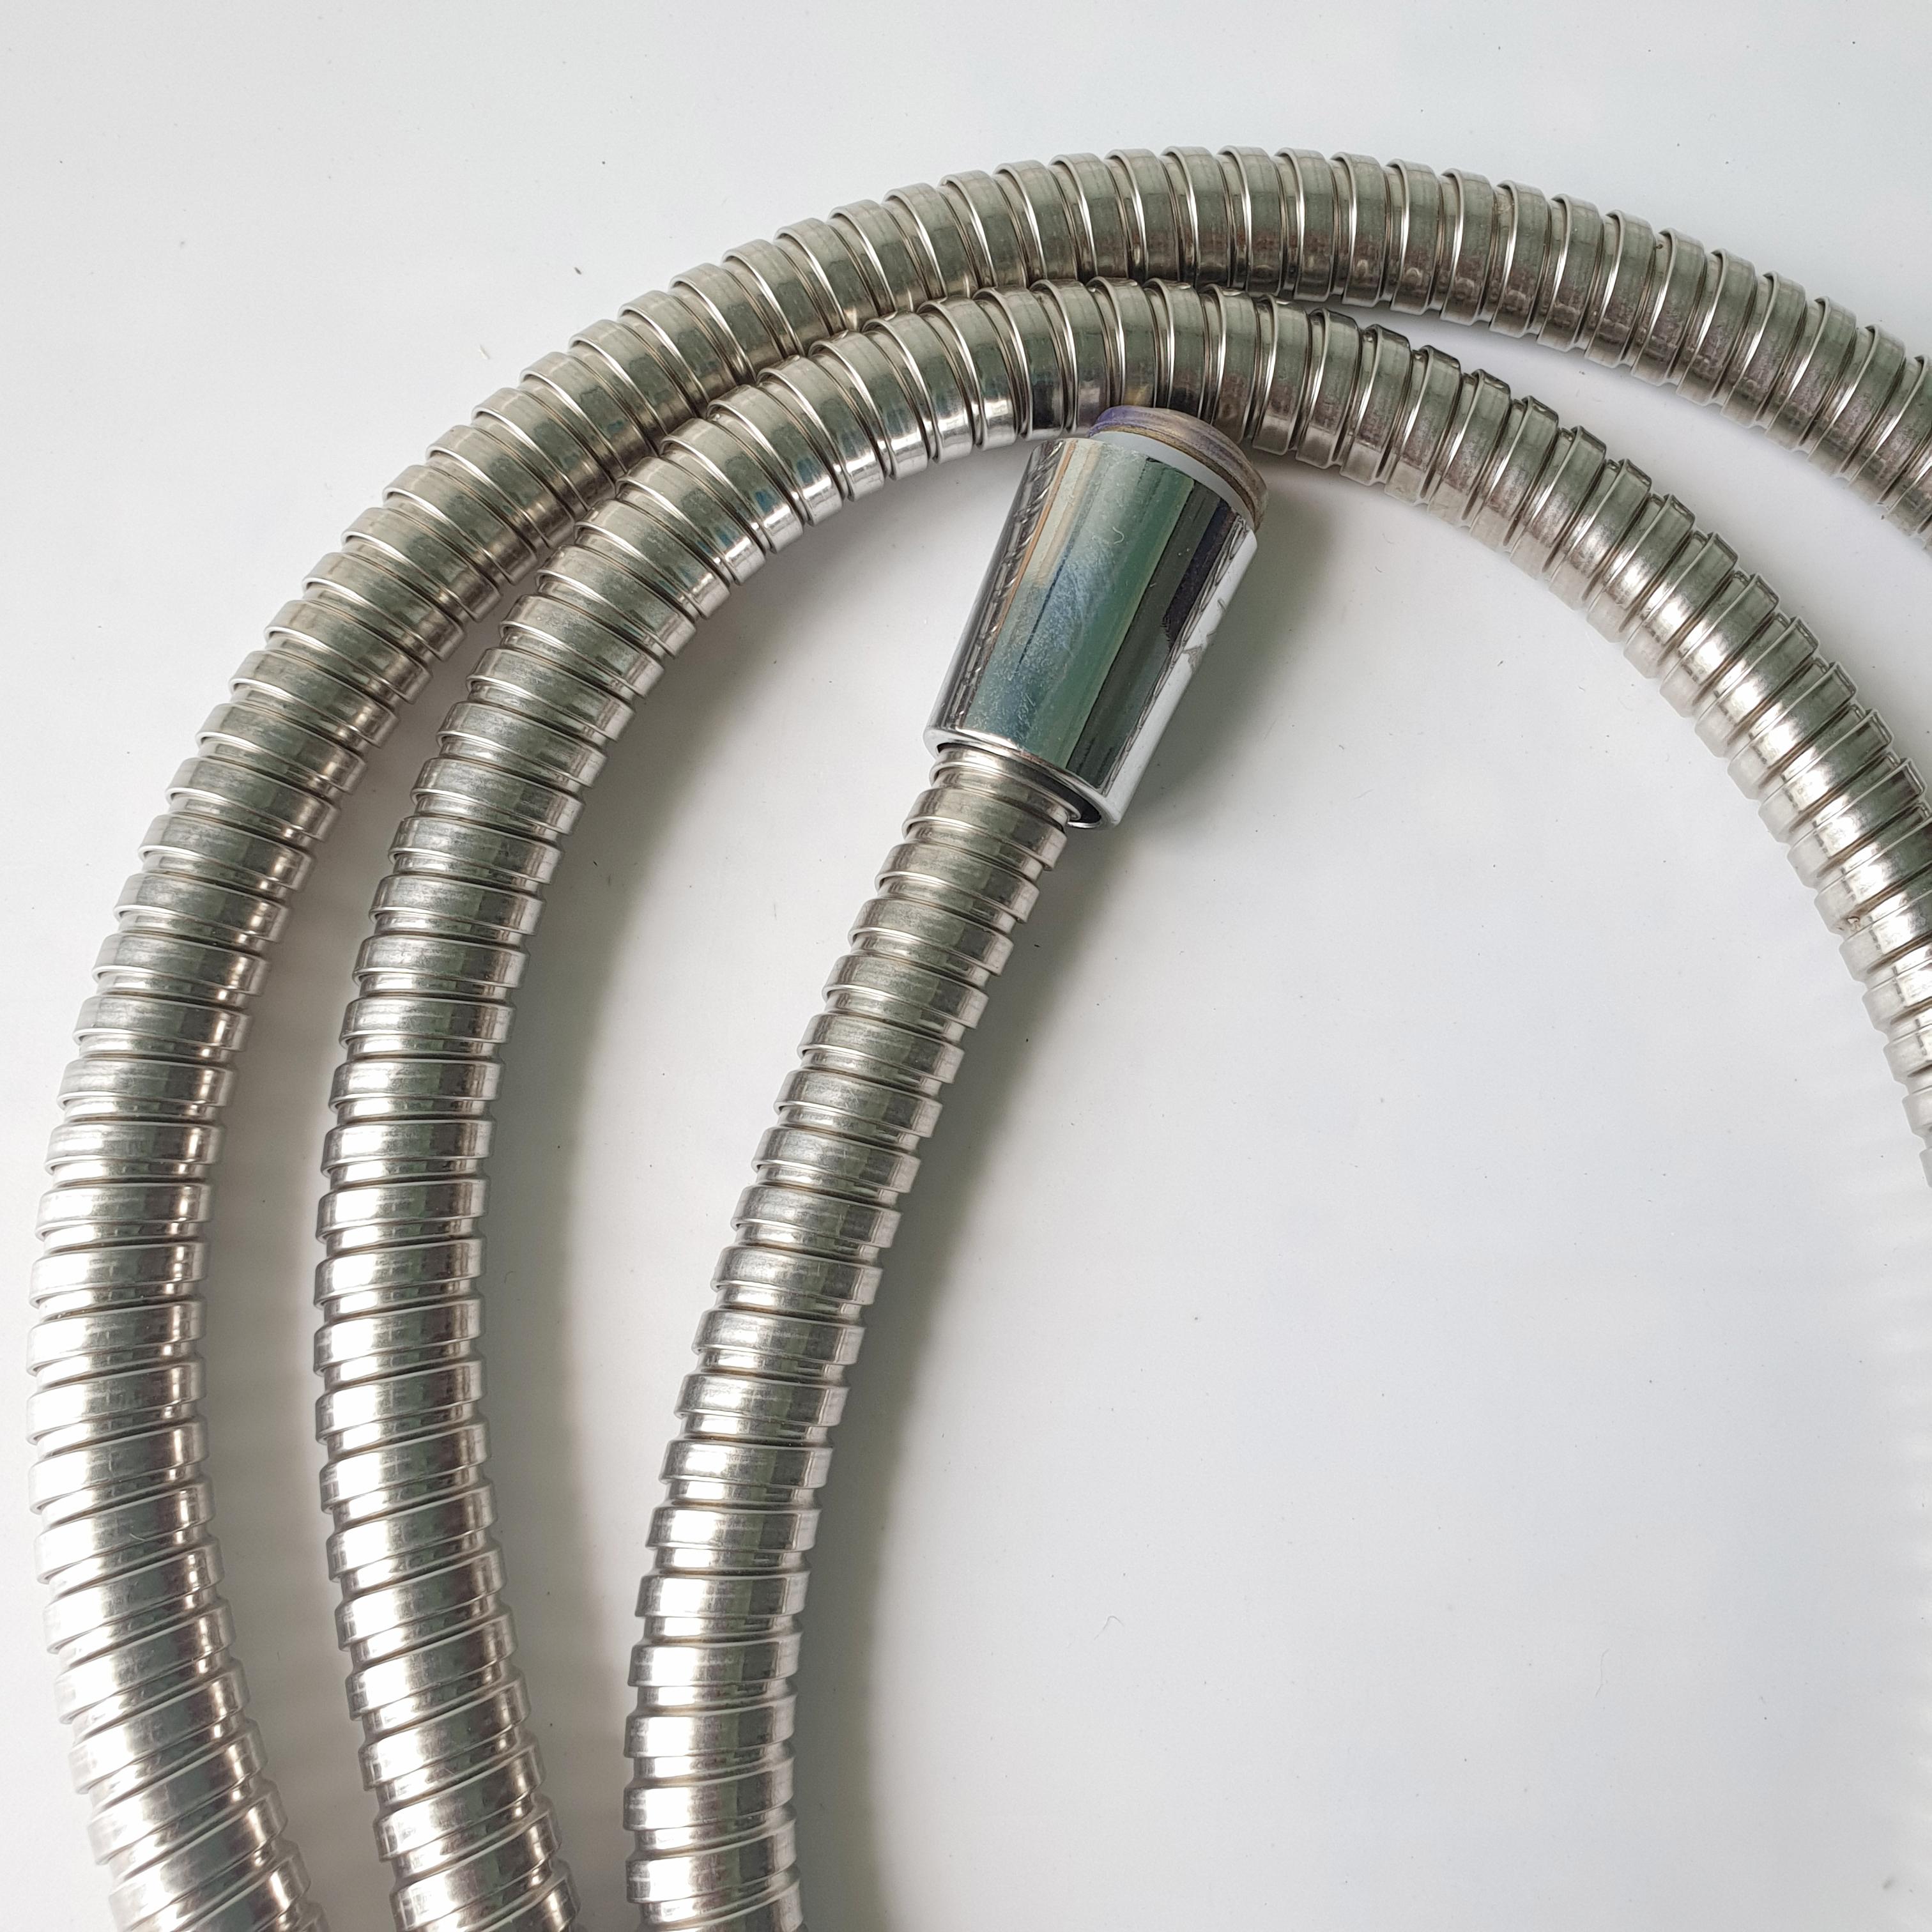 Bộ 4 Dây vòi xịt vệ sinh _ dây cấp nước vòi xịt vệ sinh 1,2m